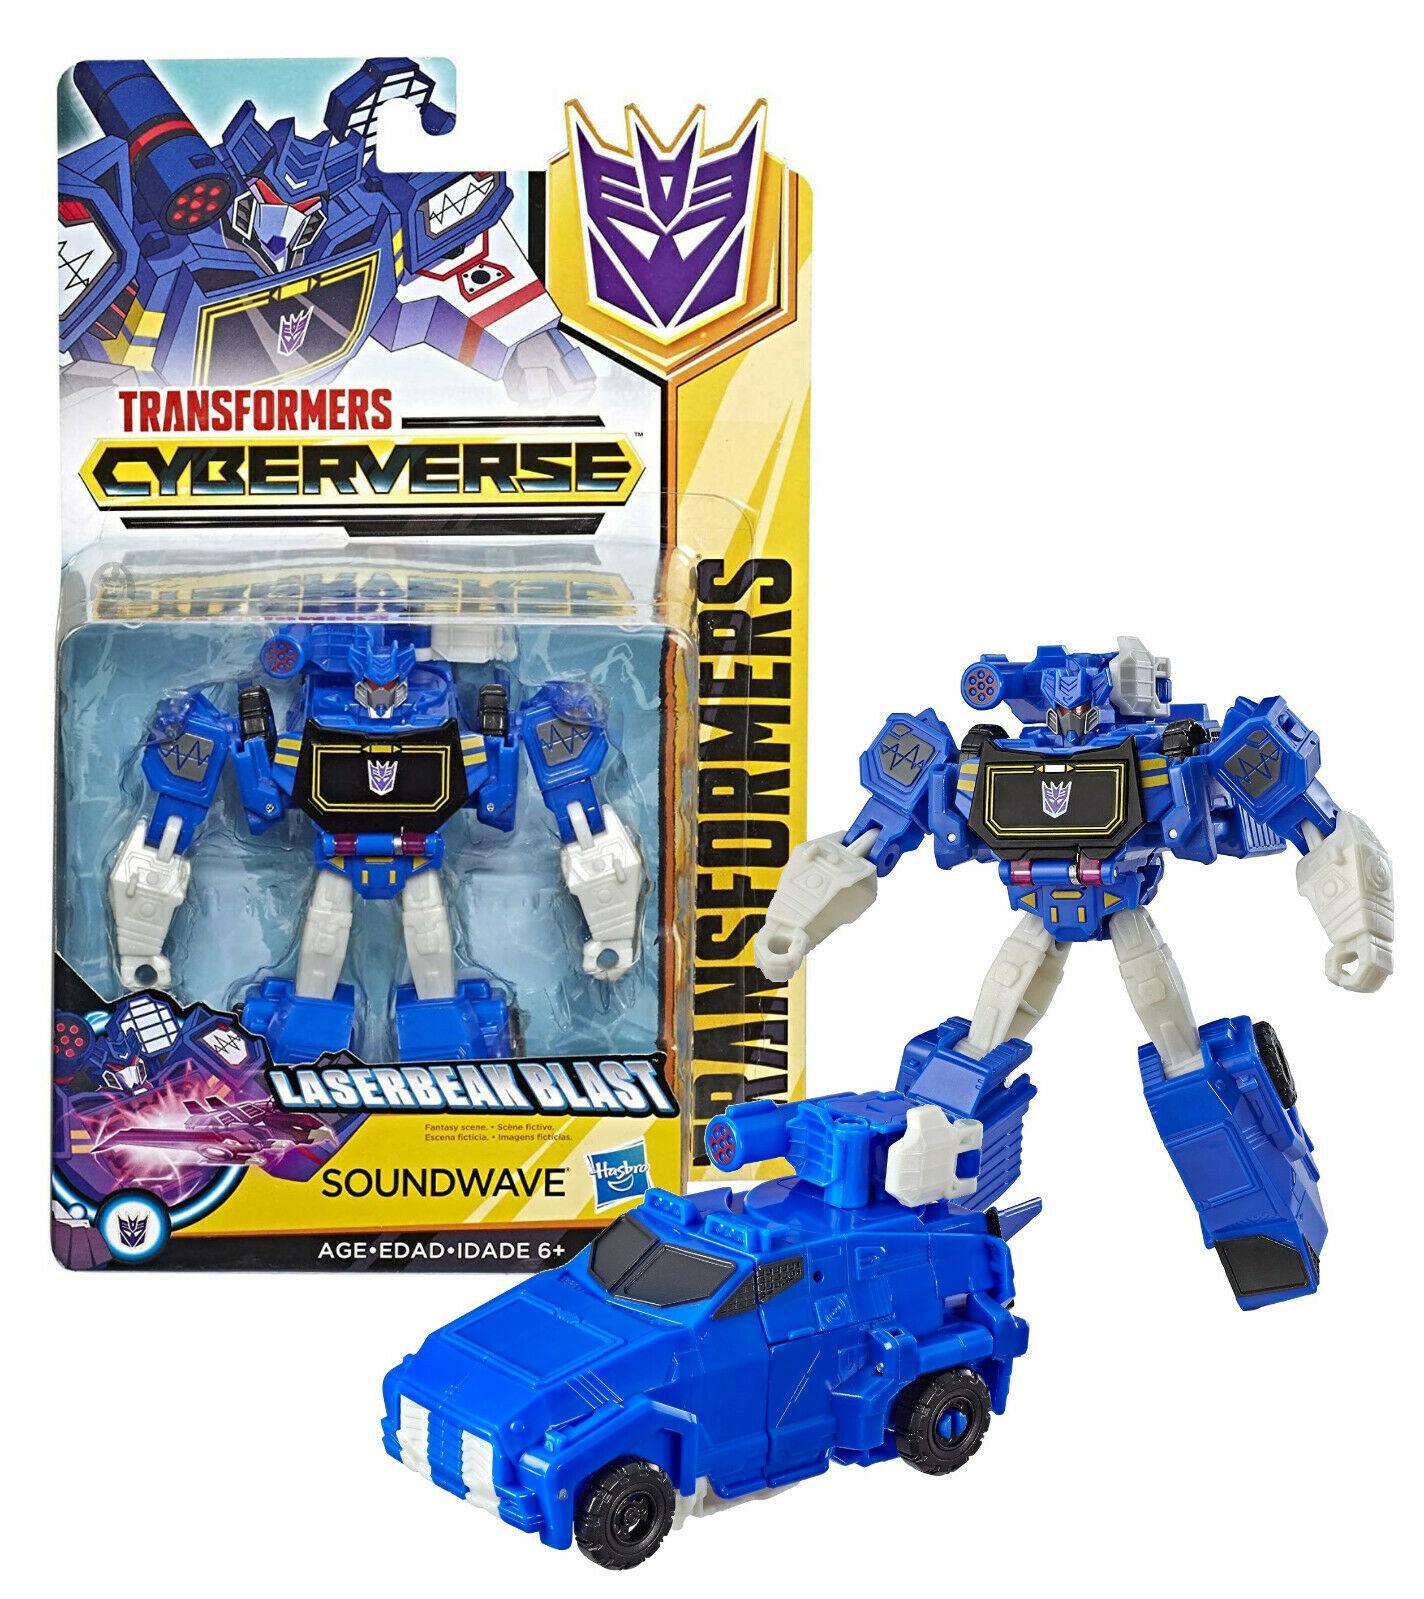 Transformers Cyberverse: Laserbeak Blast Soundwave Warrior Class New in Package - $19.88